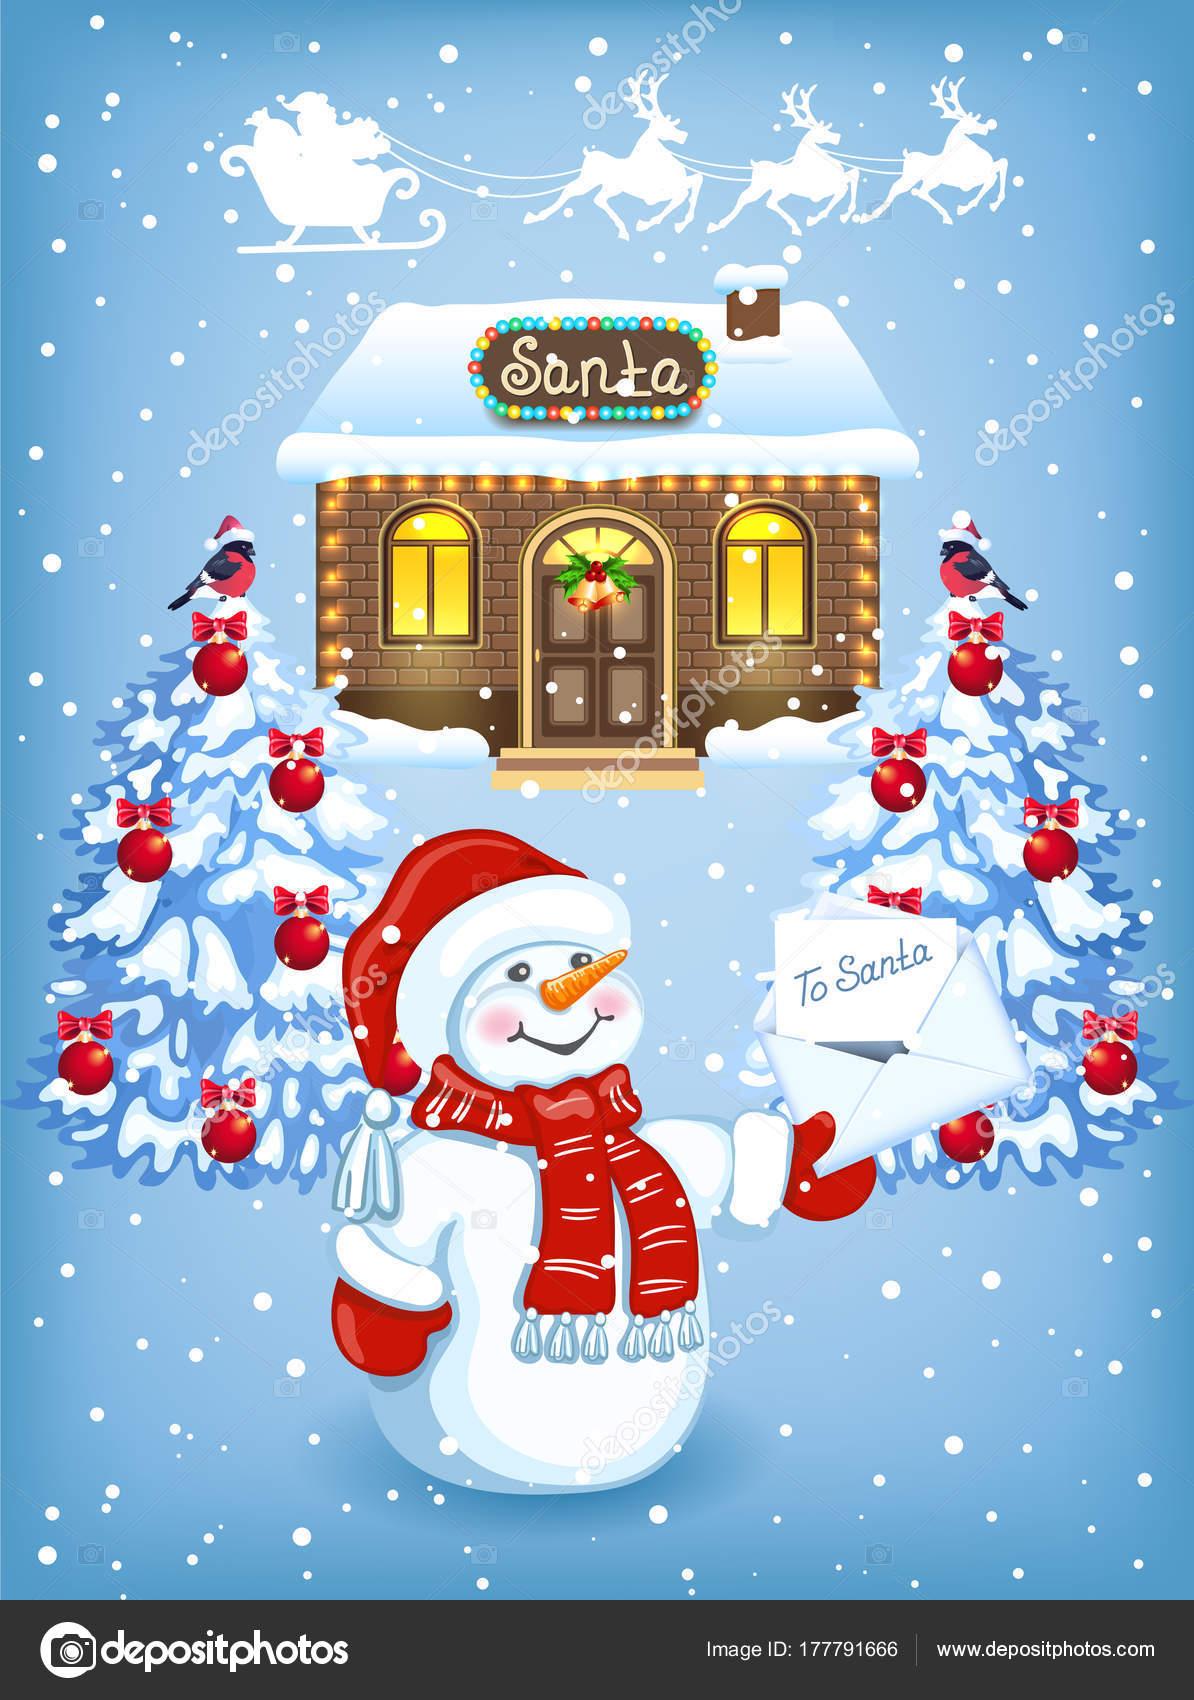 Como hacer tarjeta de navidad animada